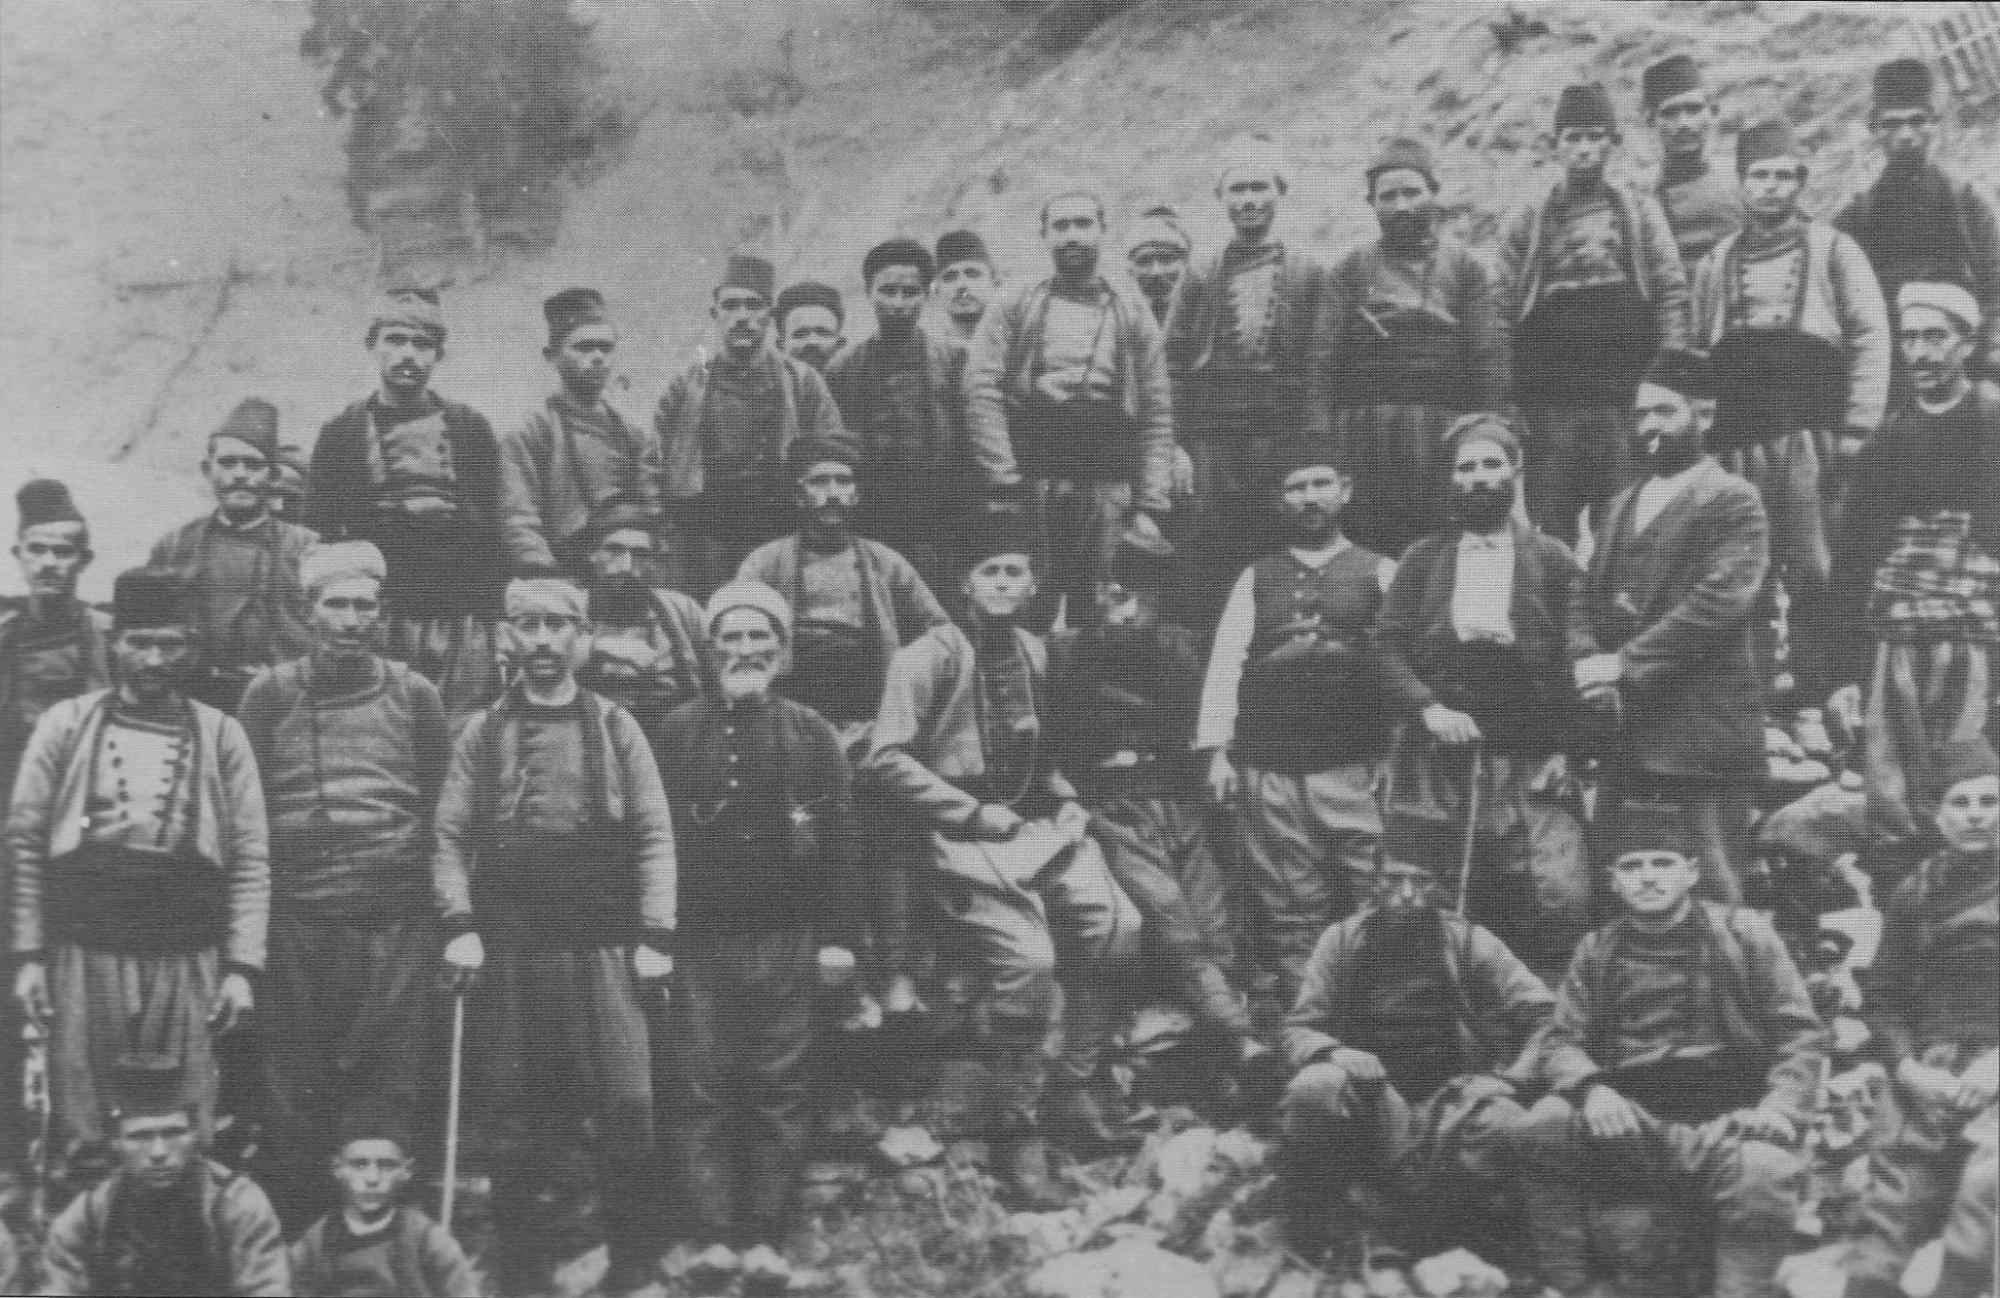 О насильственном крещении помаков в ходе Балканской войны